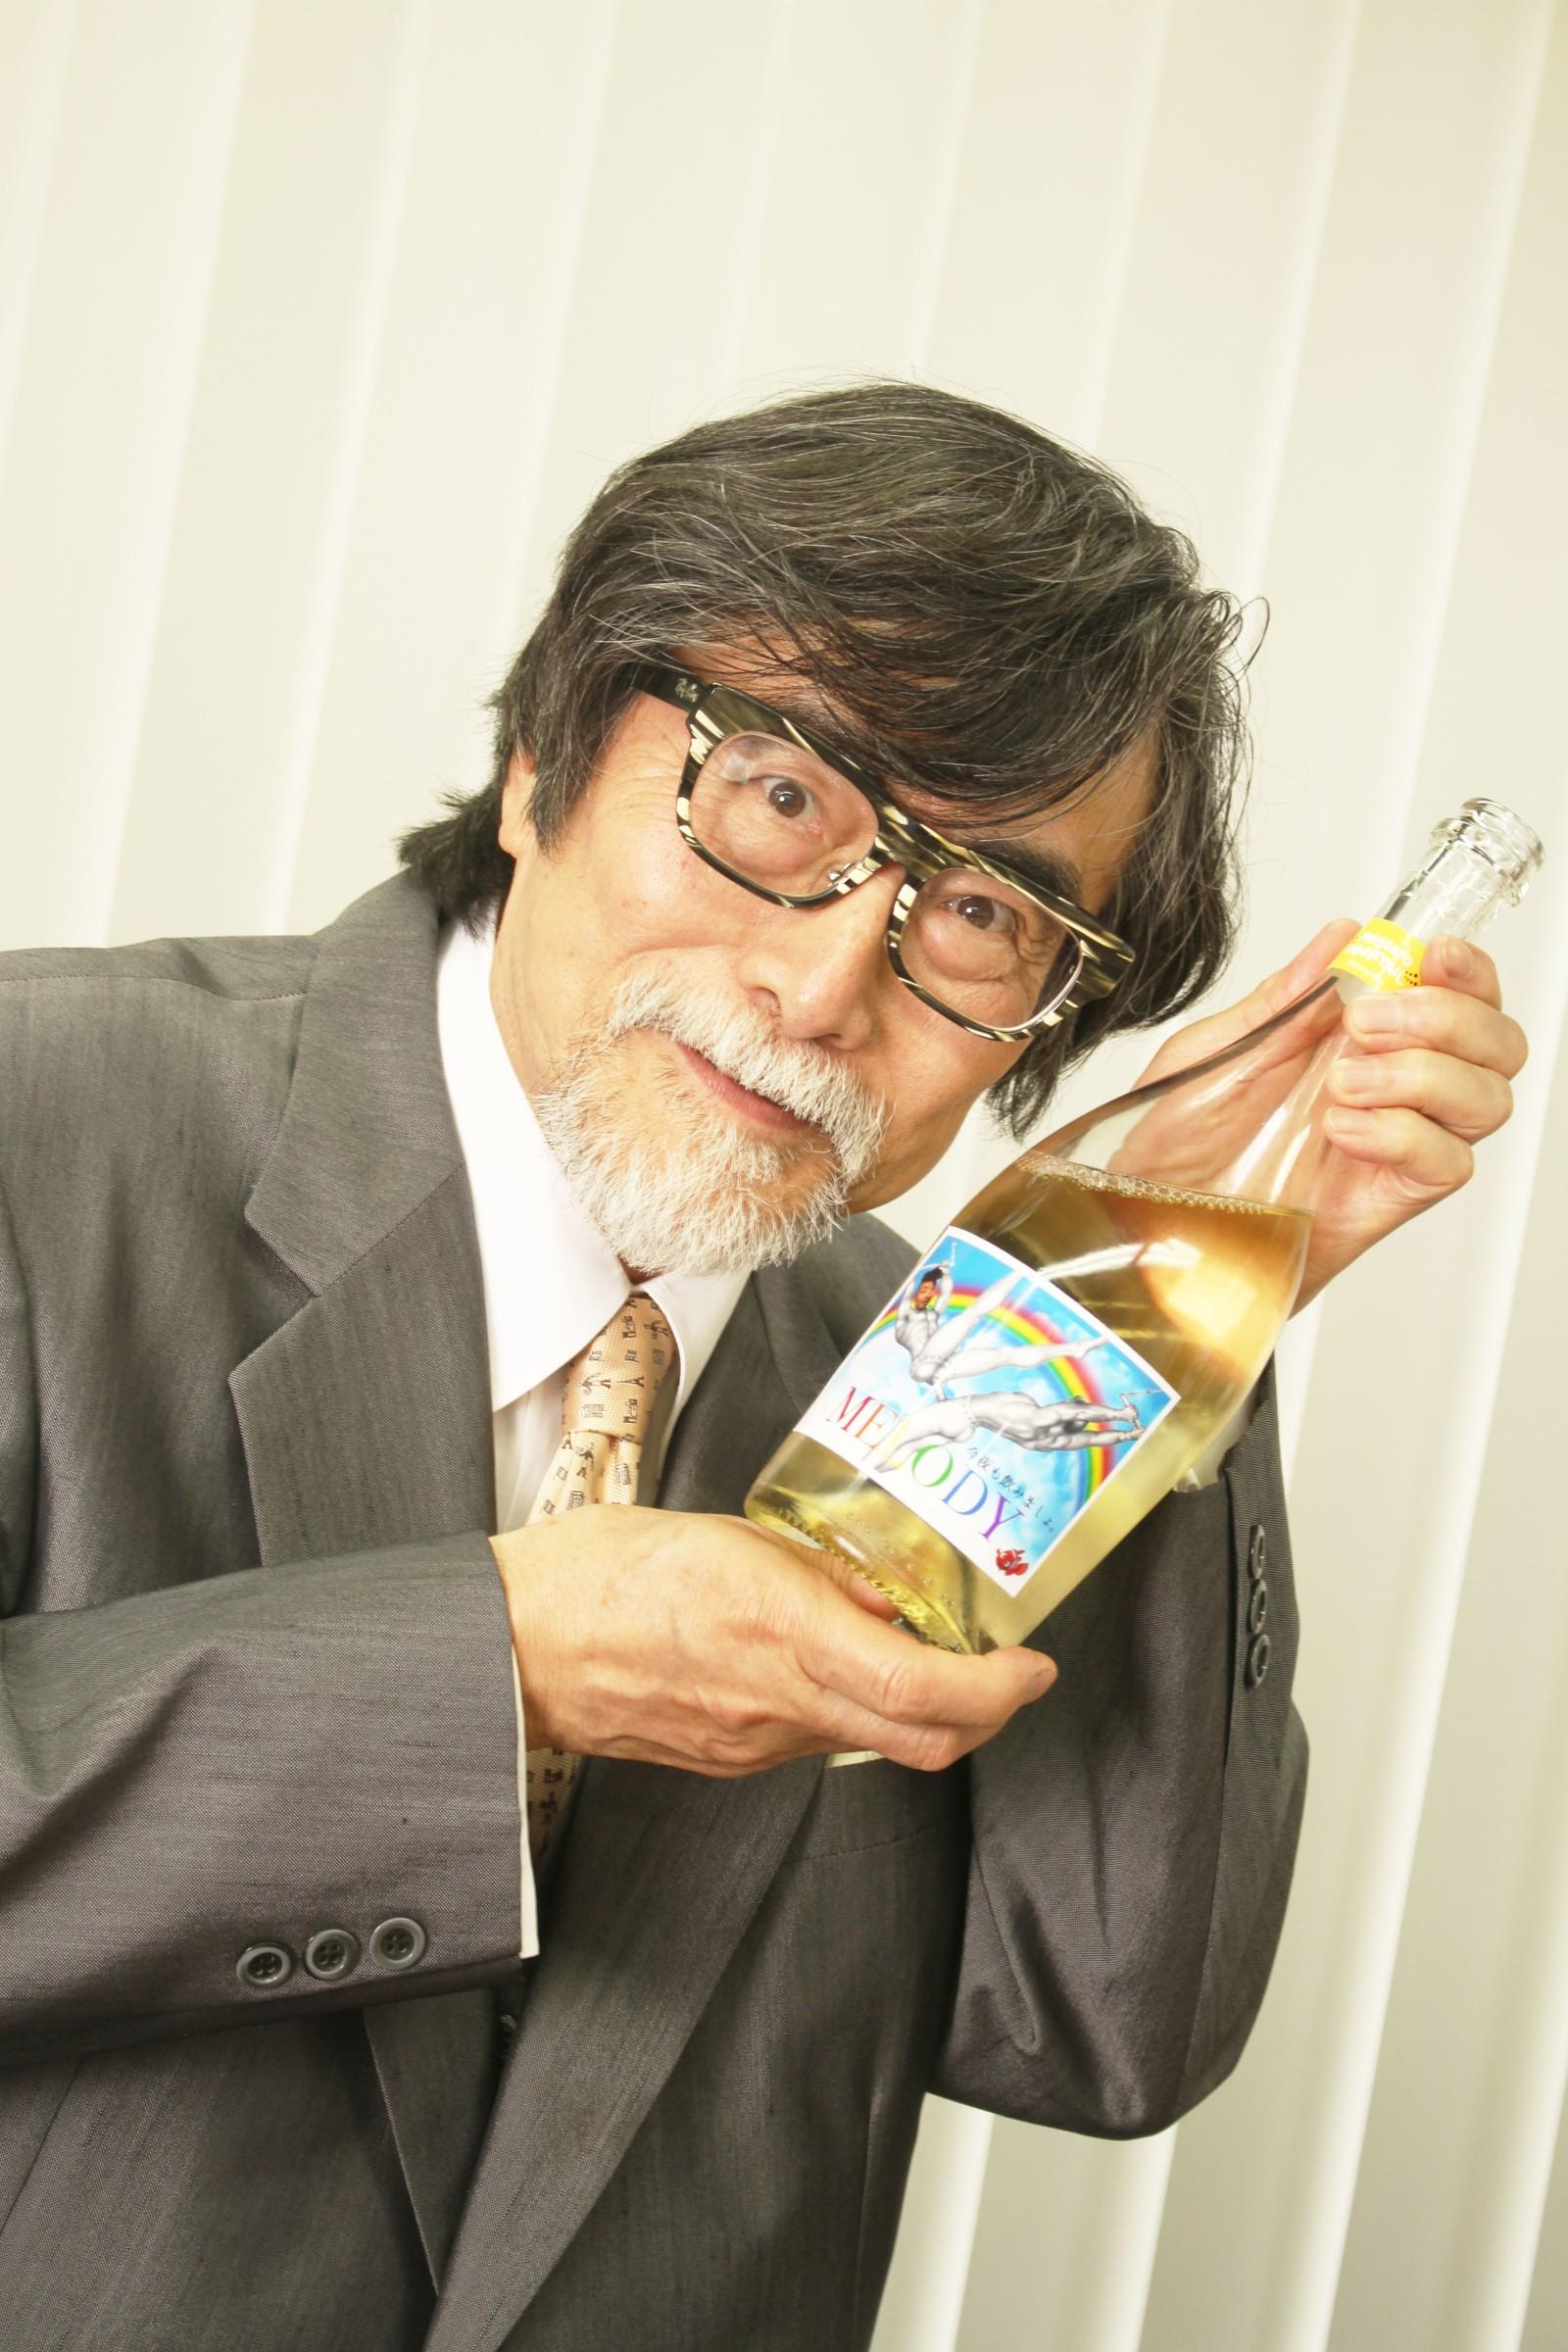 ボトルを持つおじいさん,シニア,写真,画像,素材,老人,高齢者,フリー